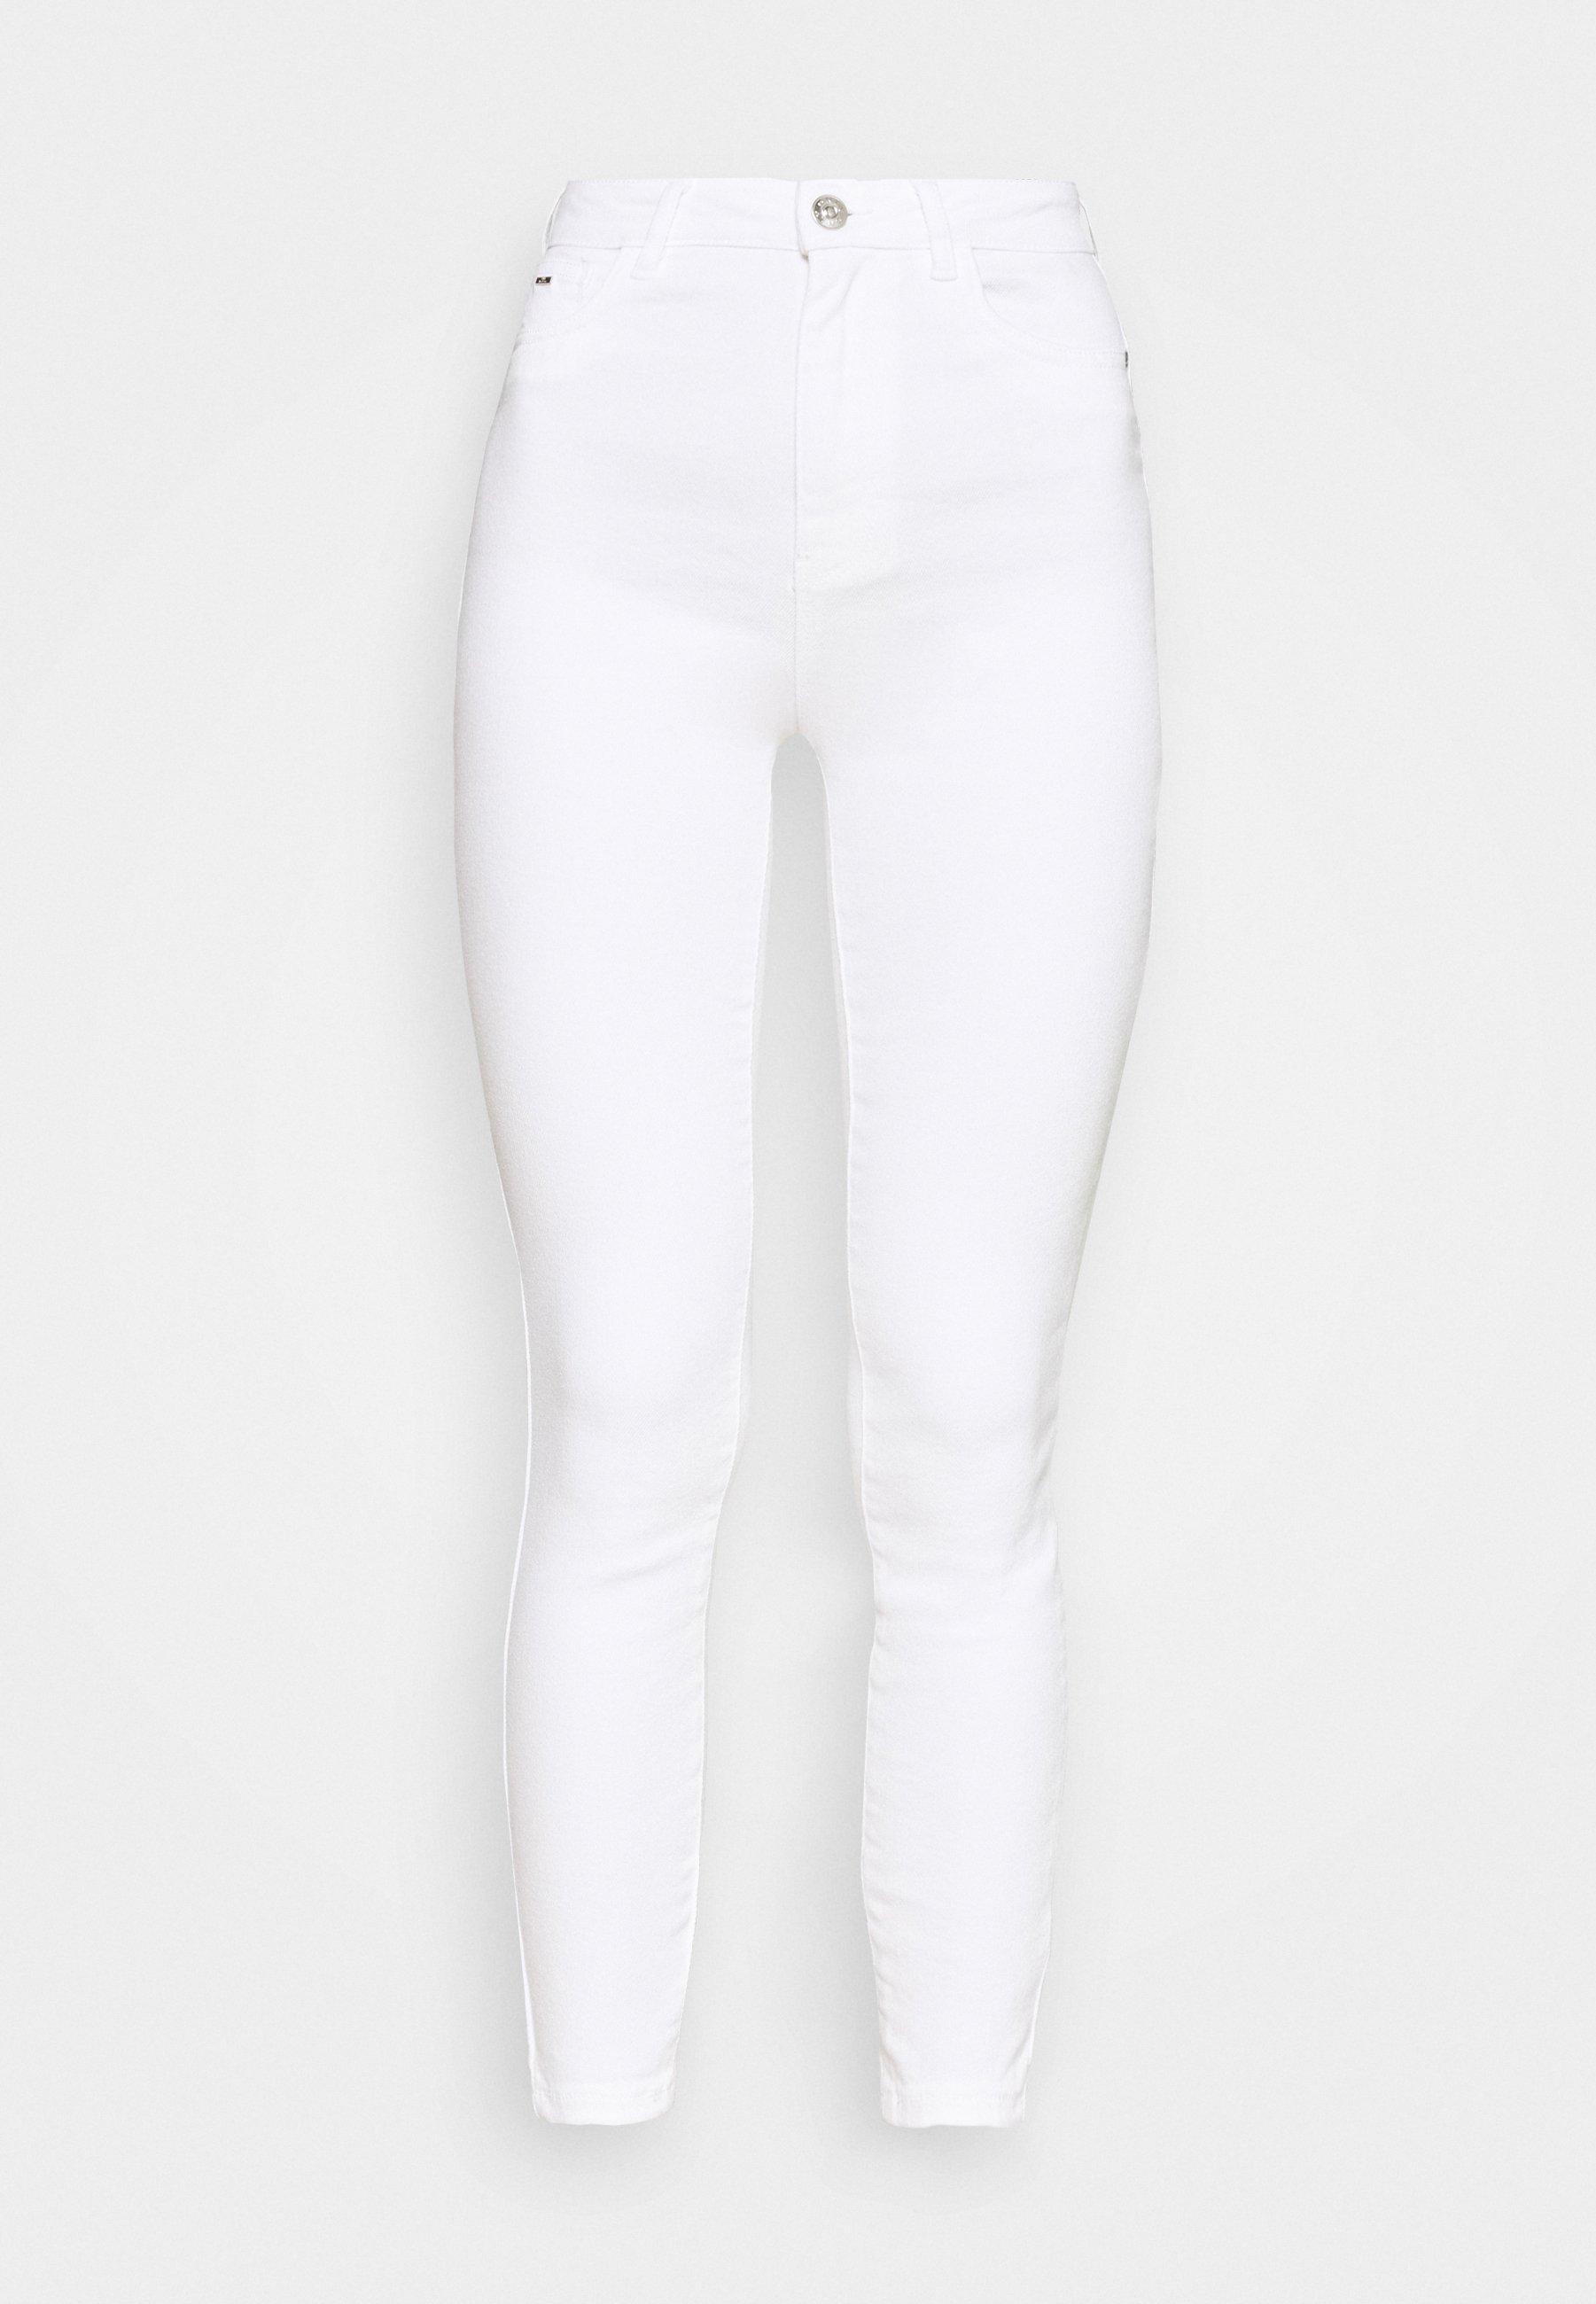 Witte Dames jeans | Spijkerbroeken online kopen | ZALANDO